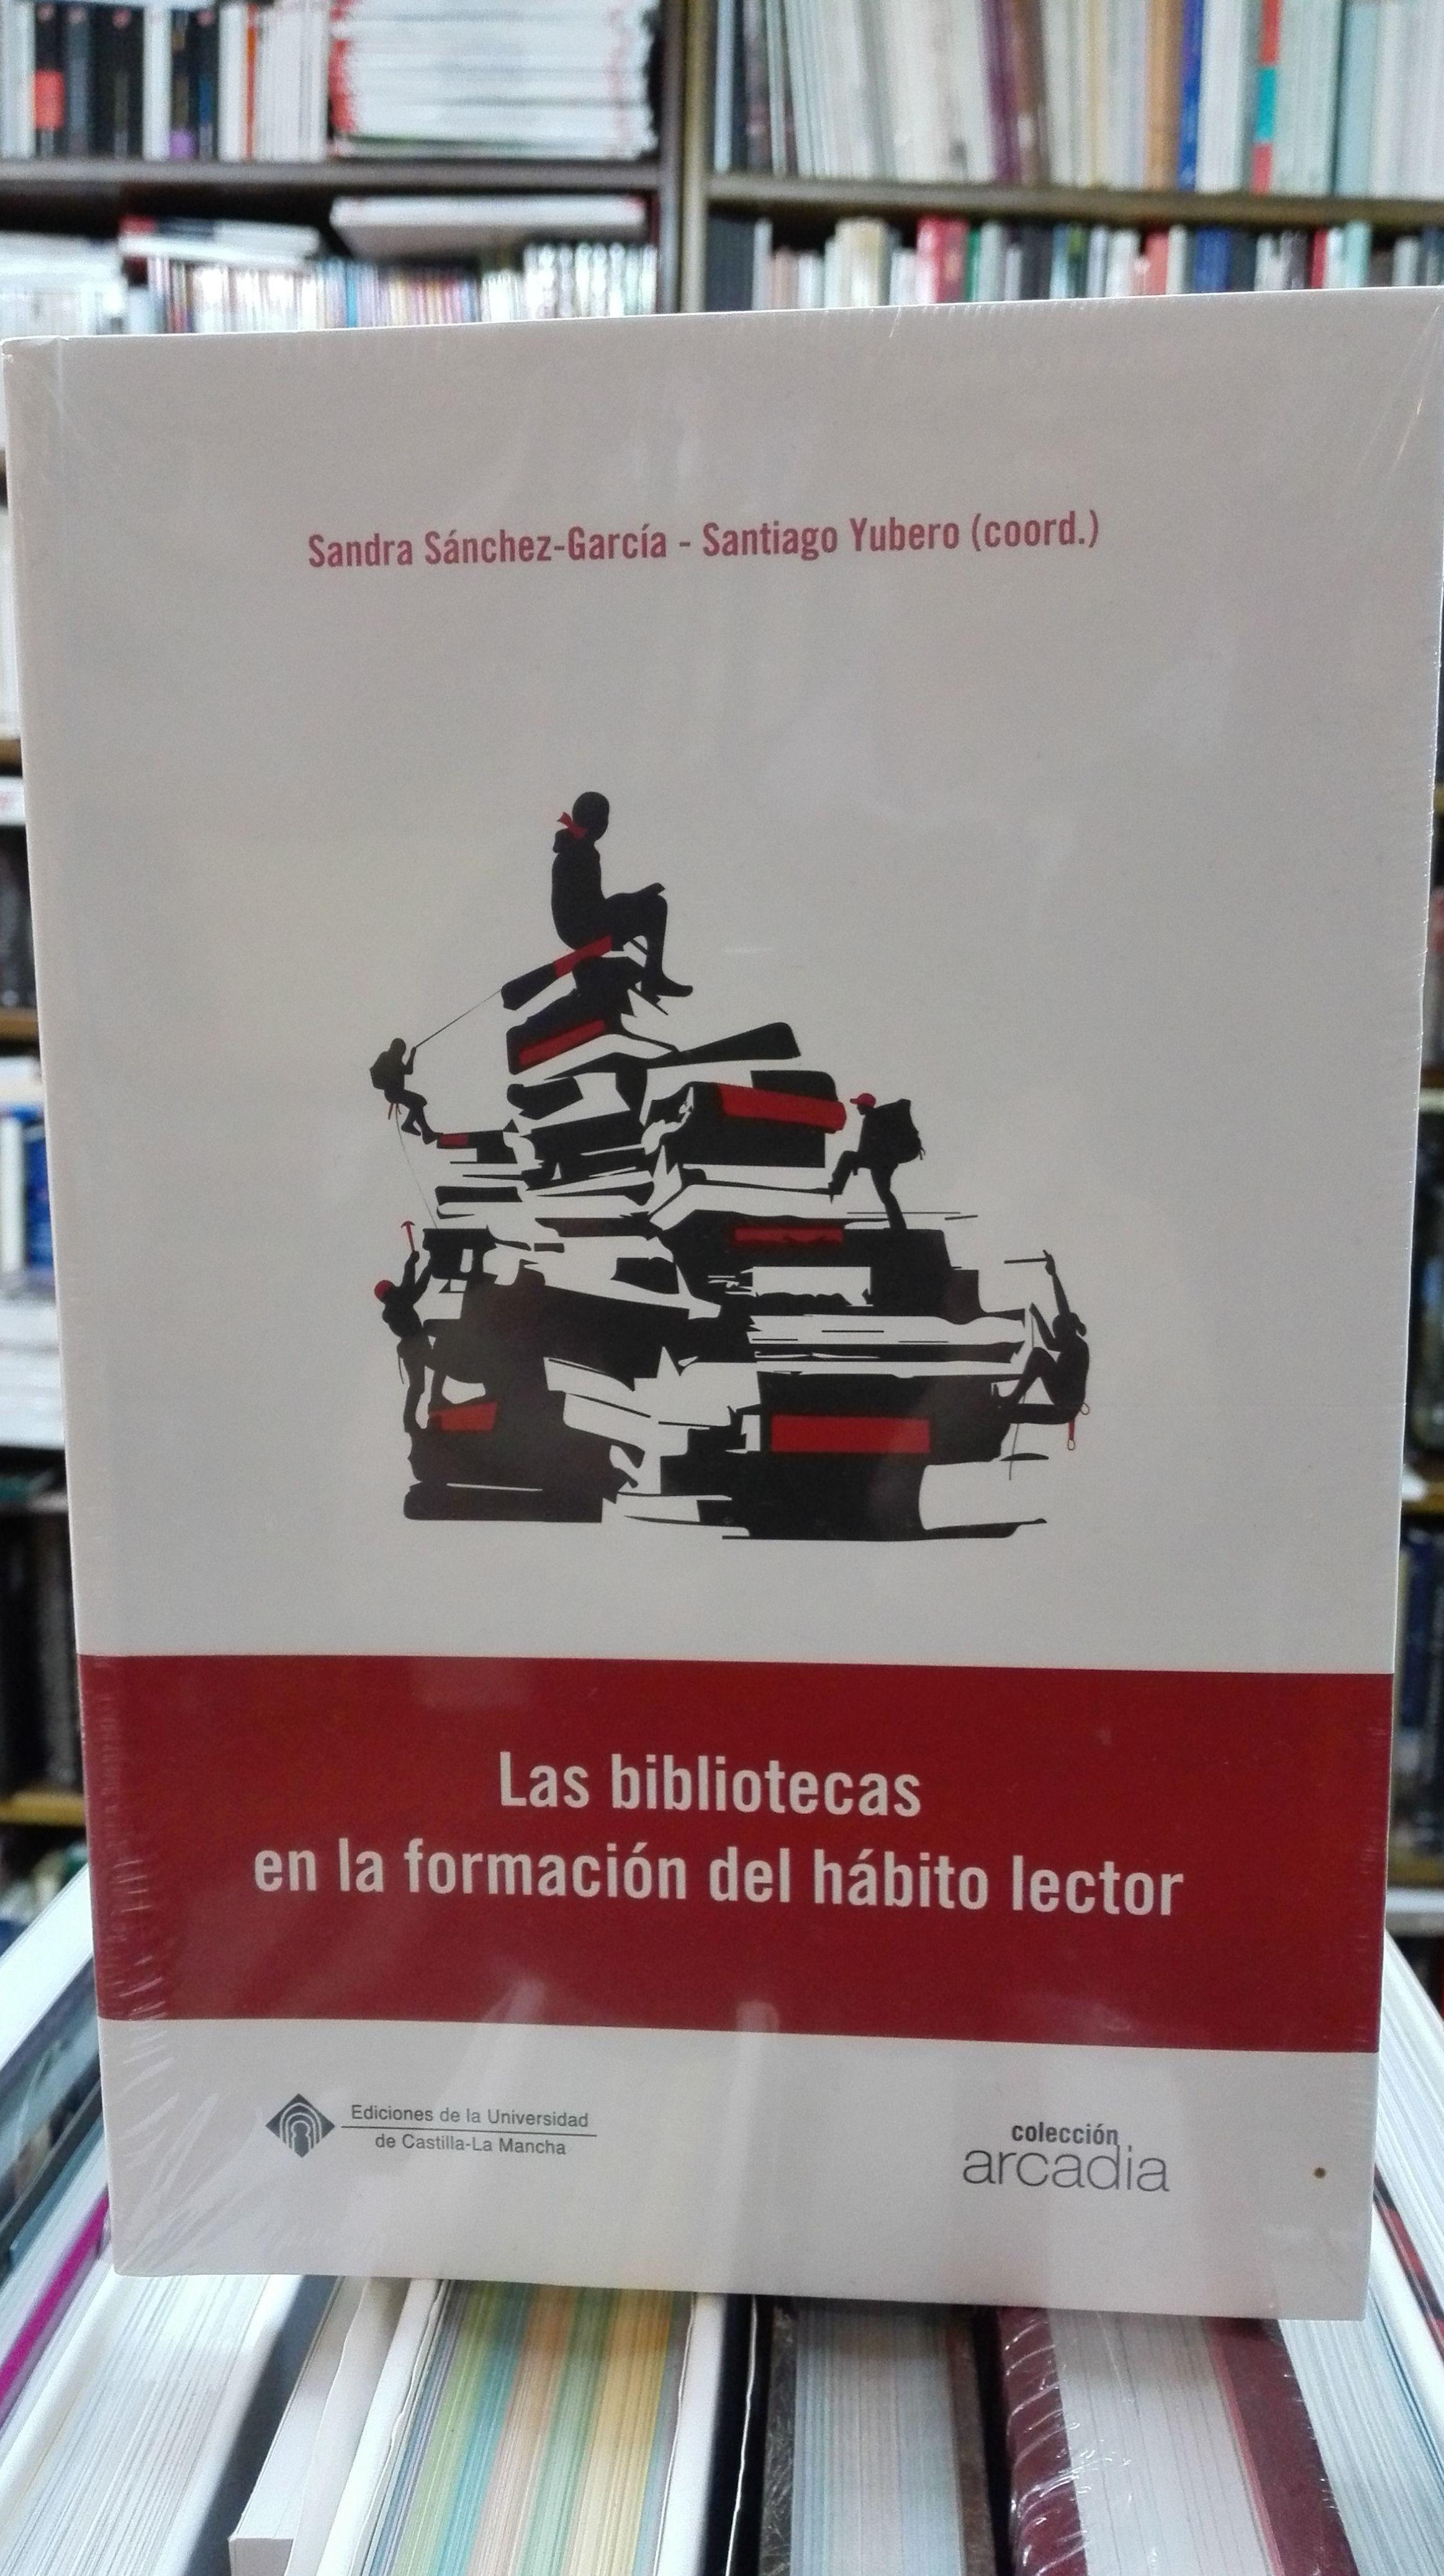 Las bibliotecas en la formación del hábito lectorl